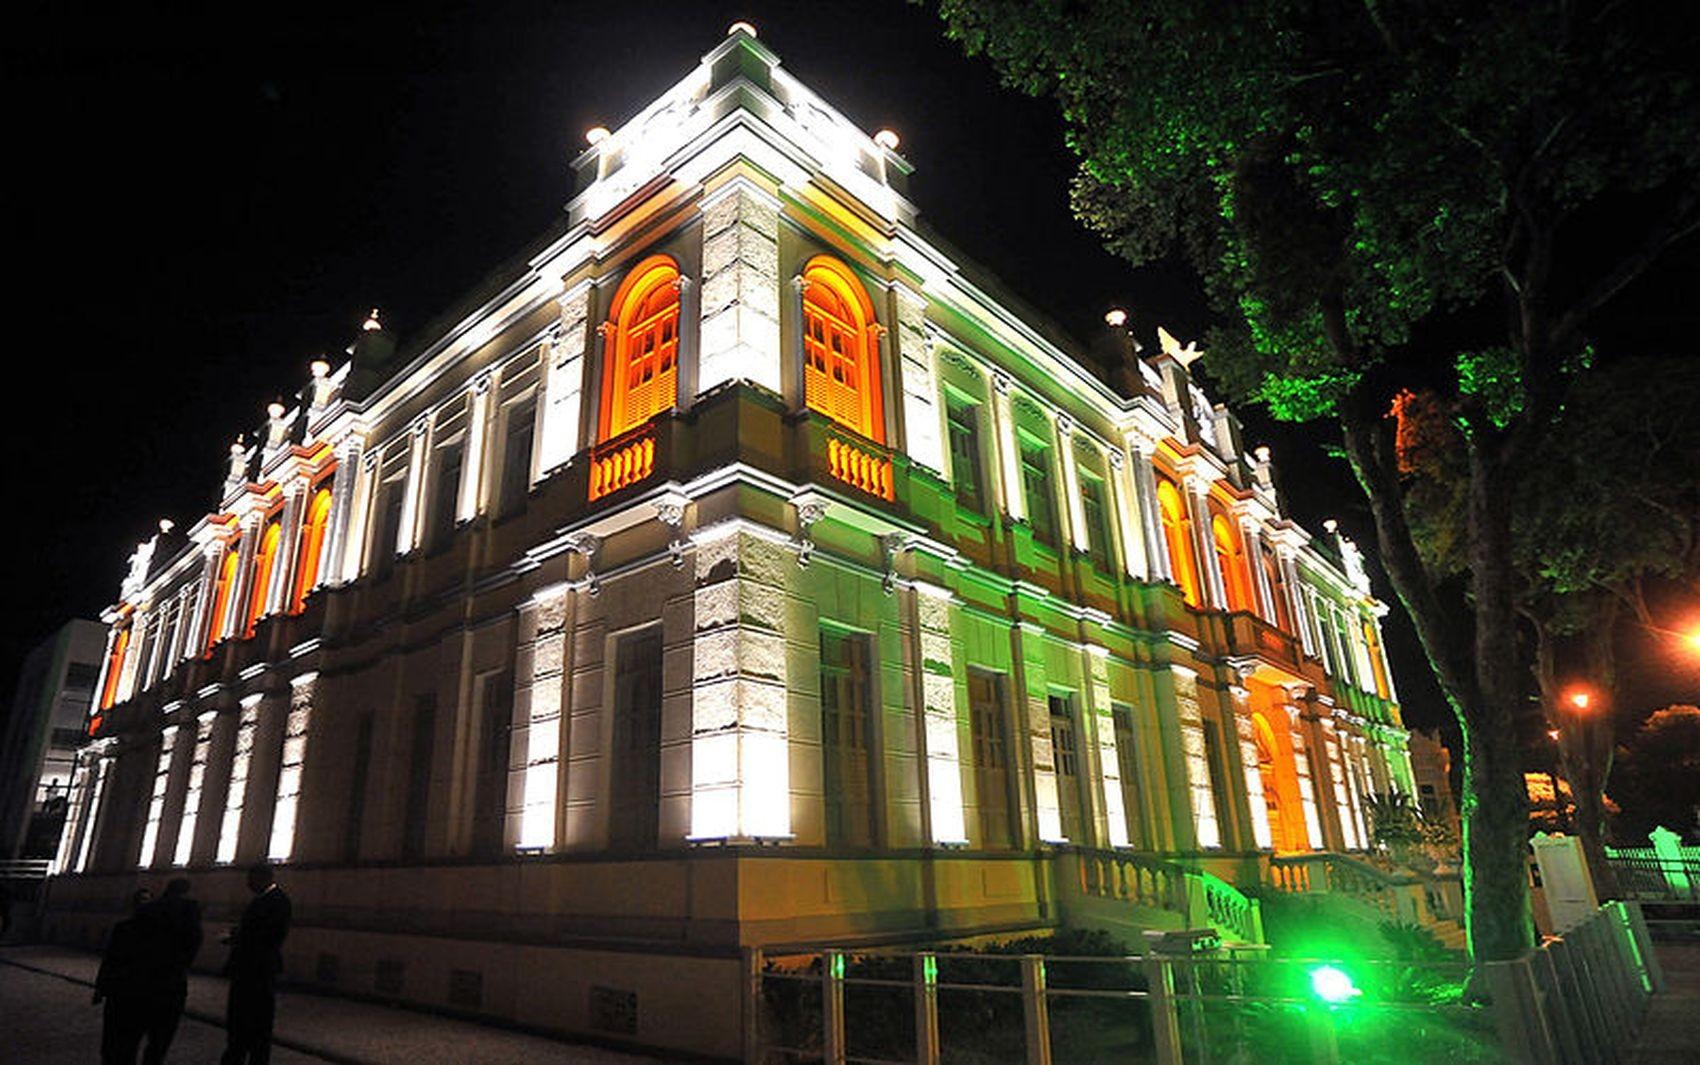 Museu da Gente Sergipana comemora 13ª Primavera dos Museus com programação especial - Notícias - Plantão Diário